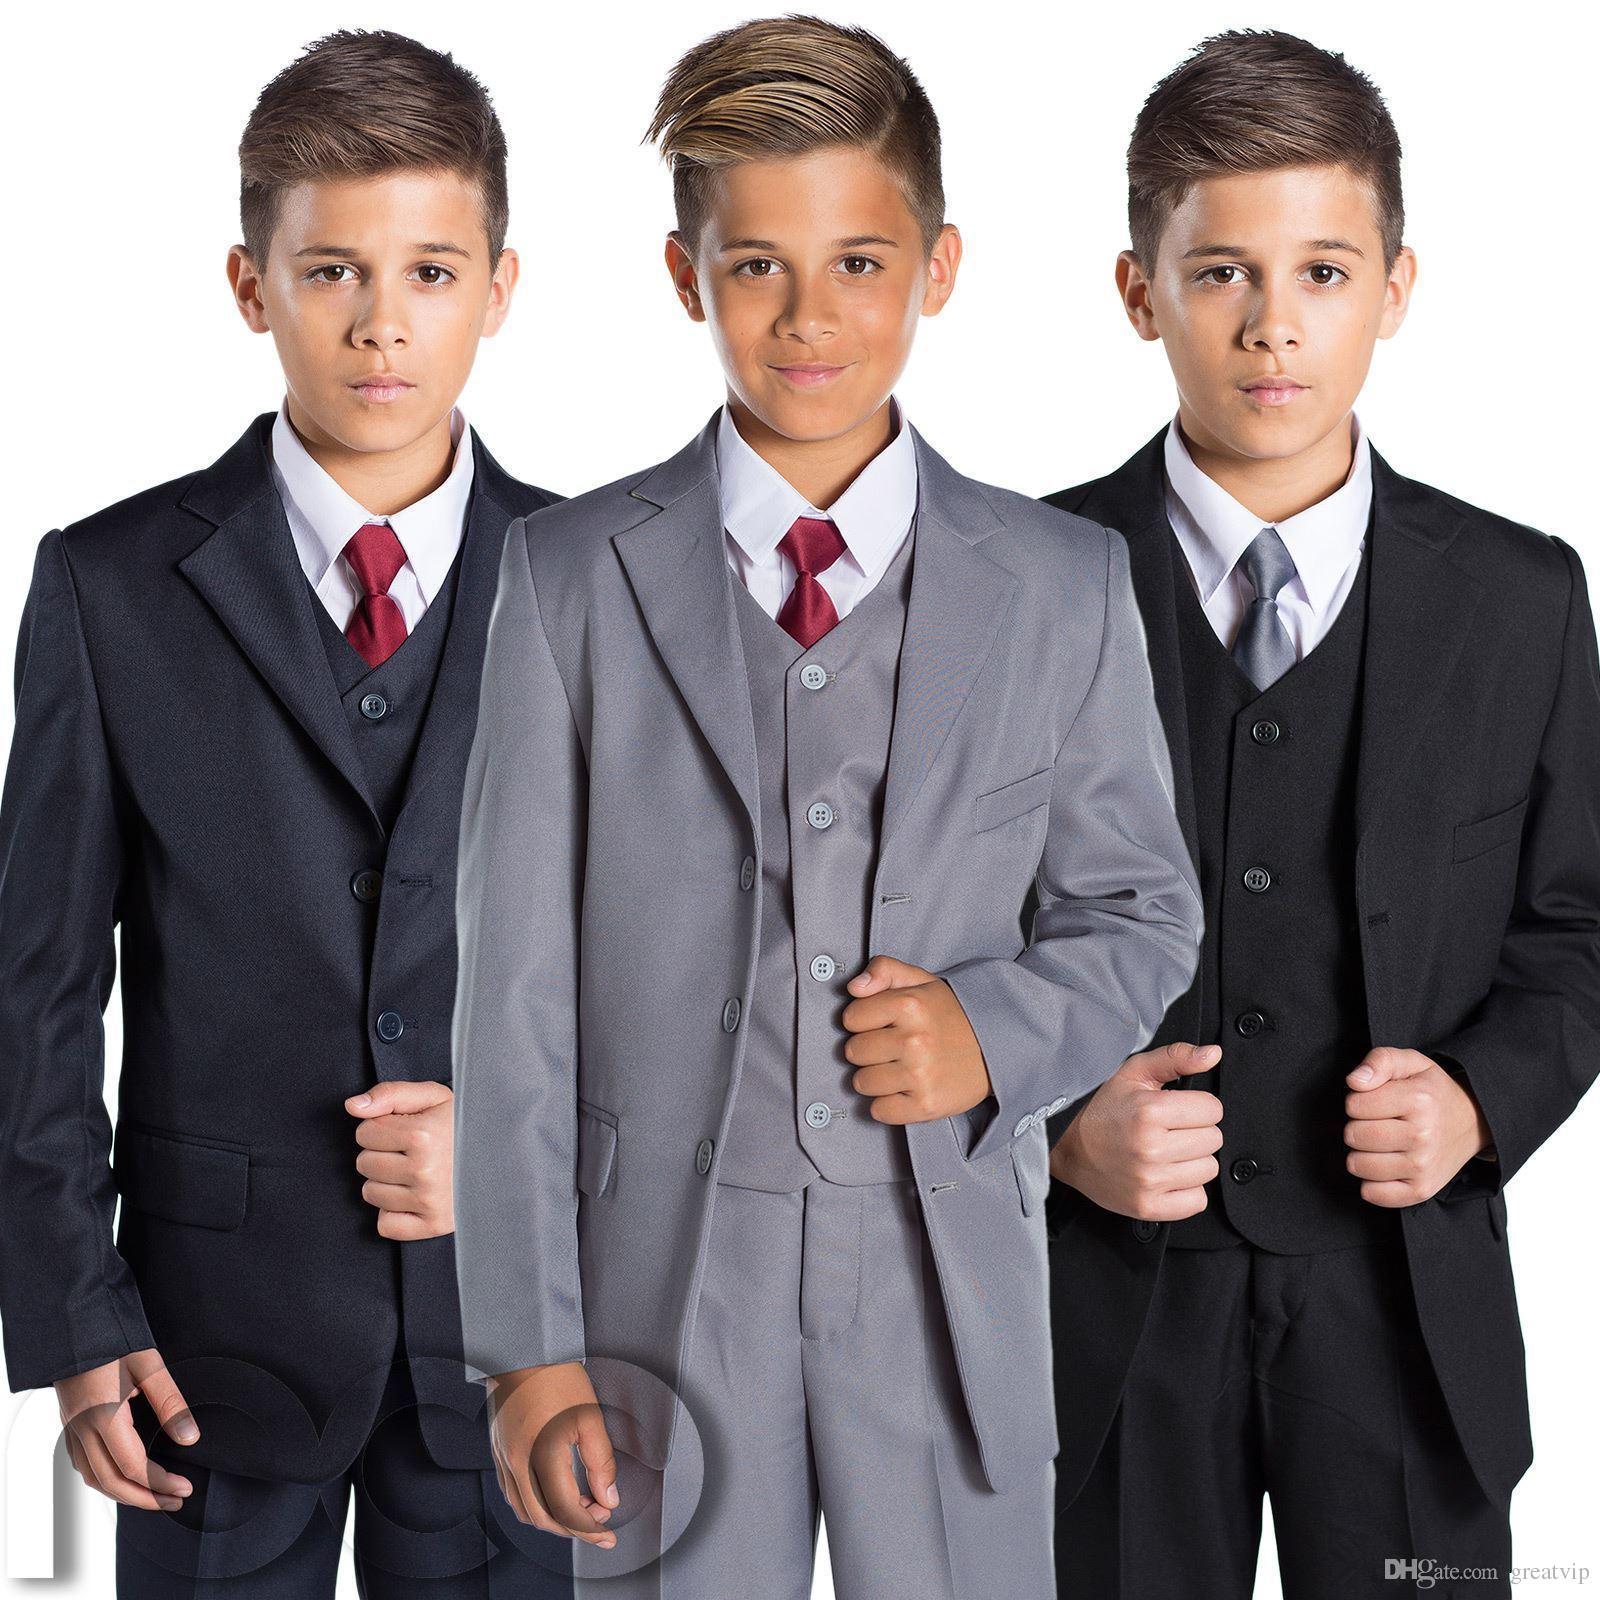 Meninos trajes formais Três peças casamento smoking tuxedos terno terno crianças jovens crianças formal roupas roupas terno (jaquetas + coletes + calças)